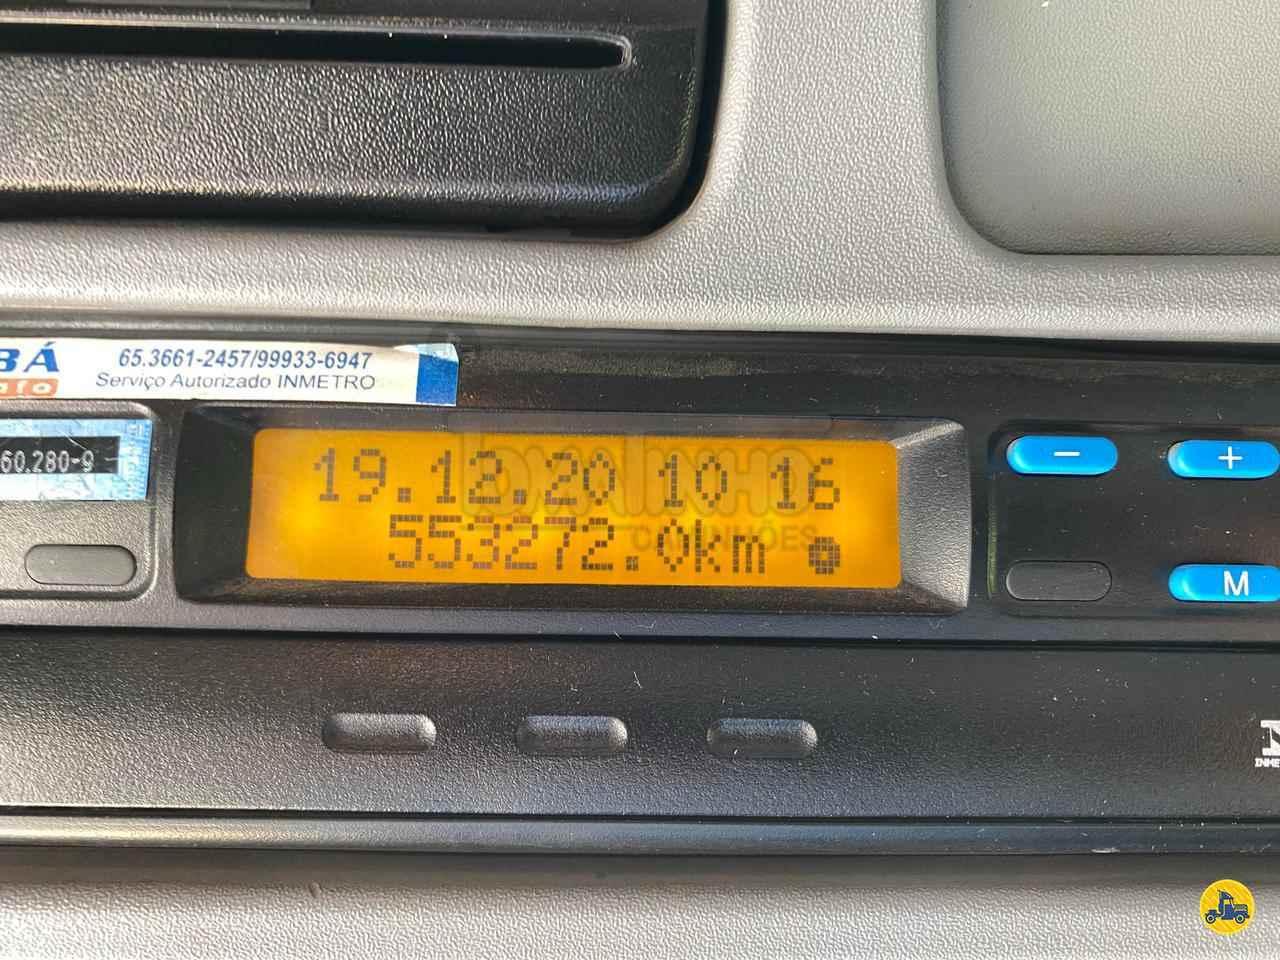 MERCEDES-BENZ MB 2544 554000km 2015/2016 Tomatinho Caminhões